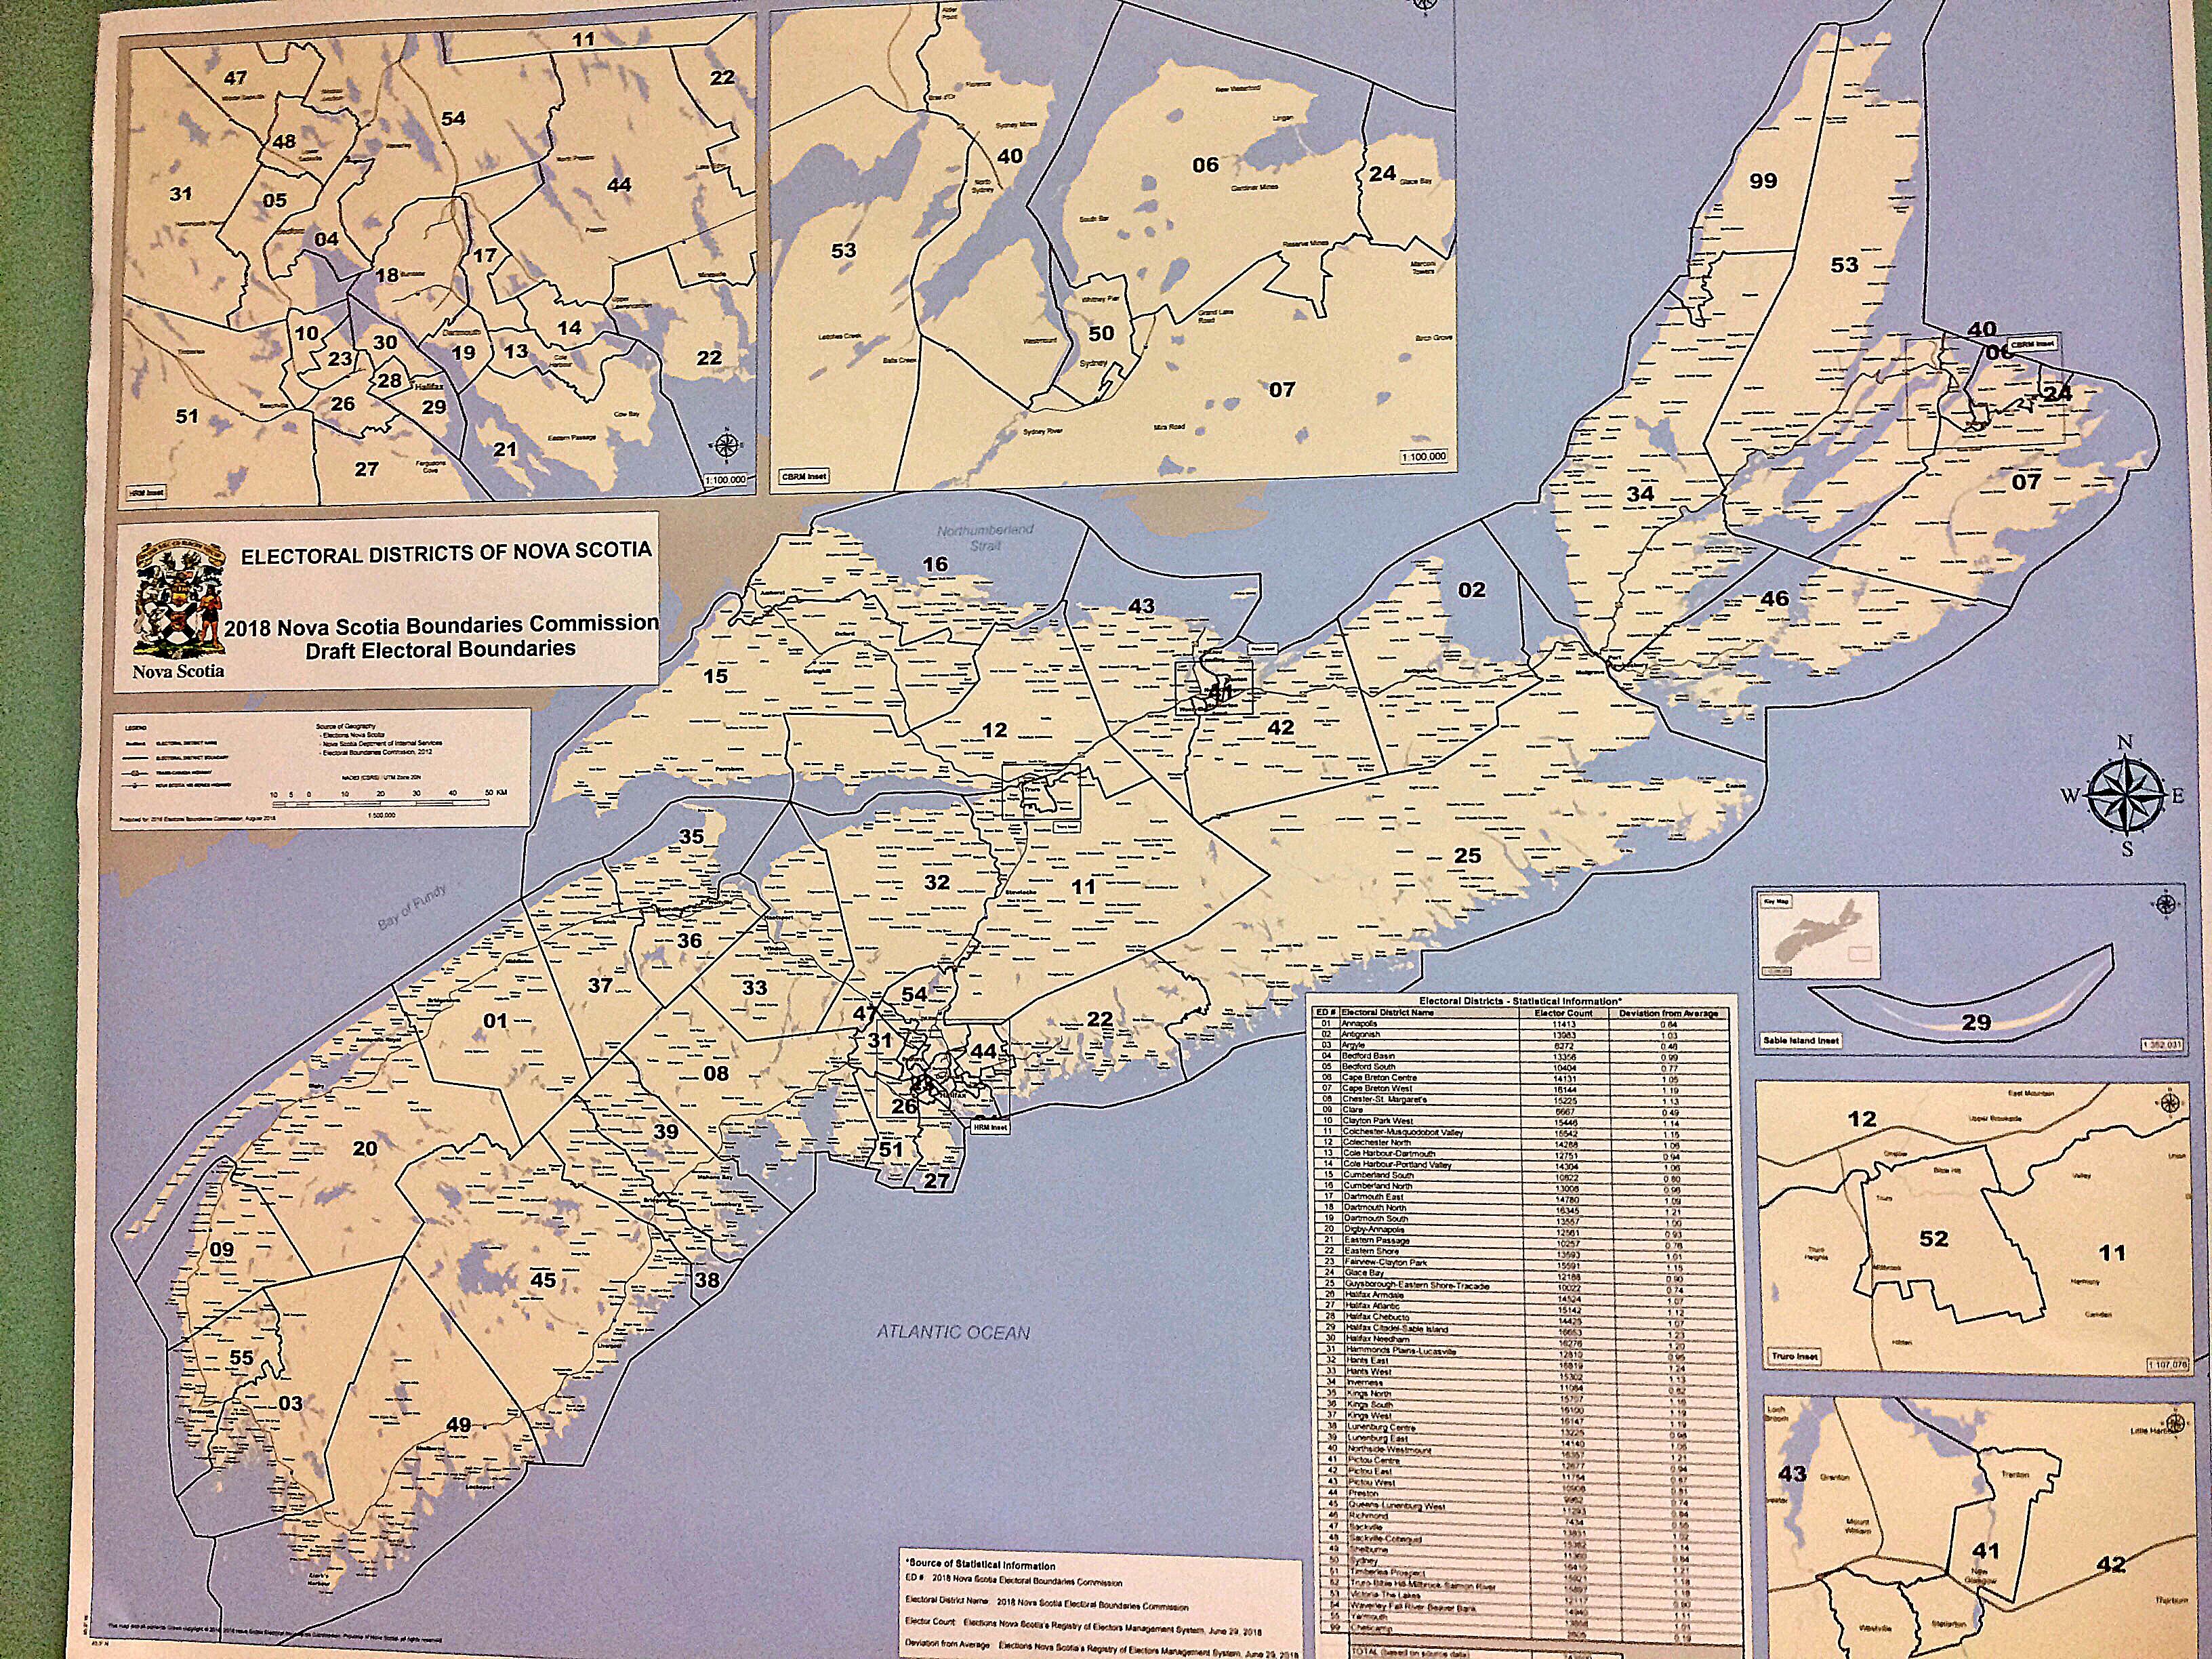 Electoral boundaries map